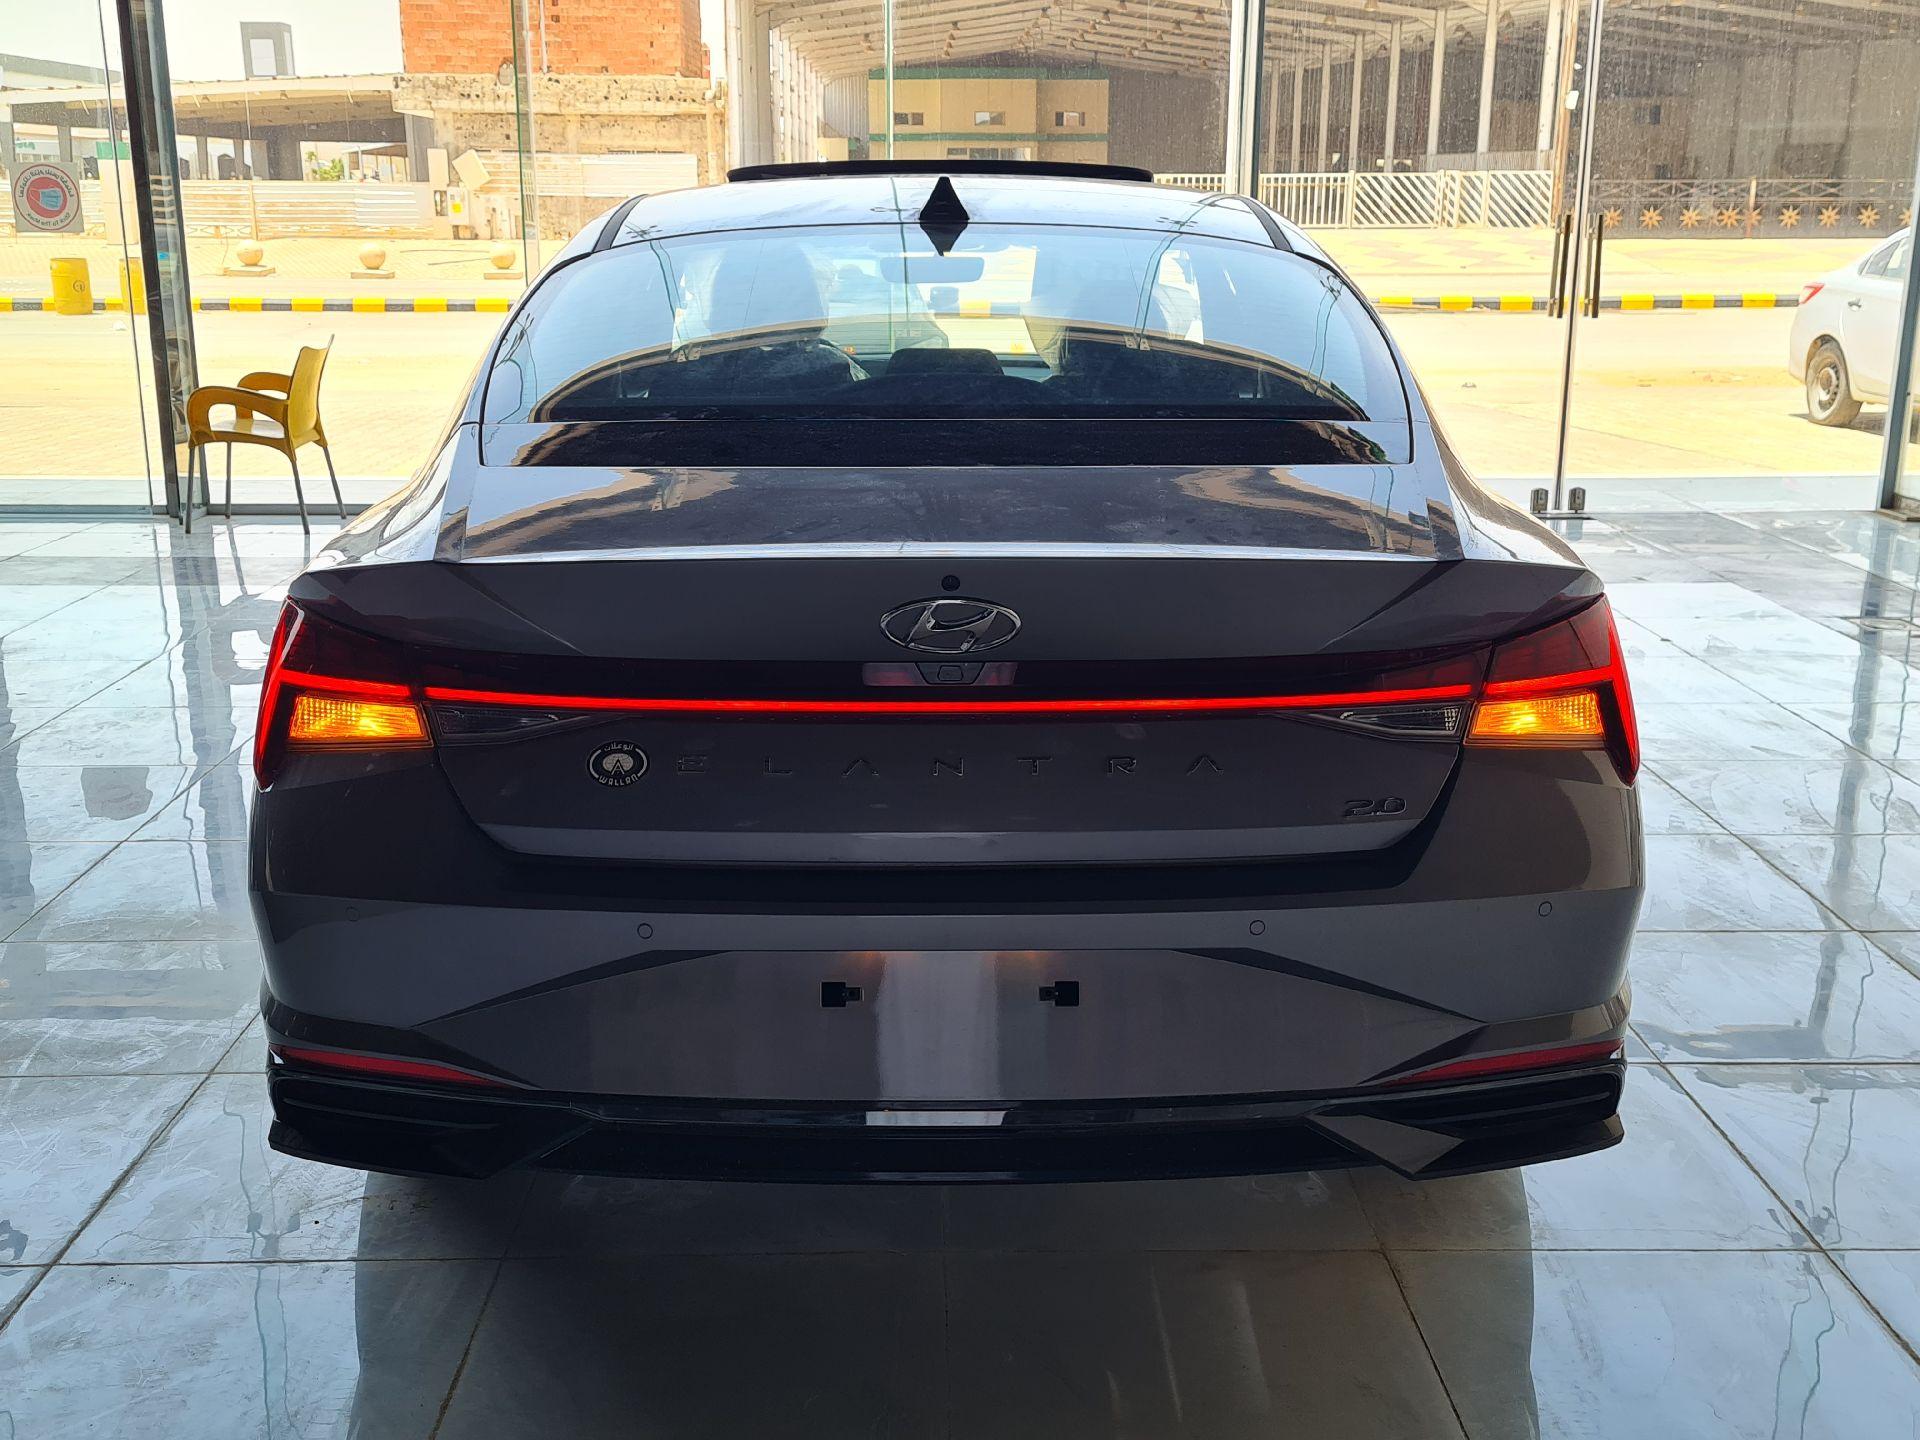 مباع - هونداي النترا Smart Plus  نص فل 2021  سعودي جديد للبيع في الرياض - السعودية - صورة كبيرة - 2